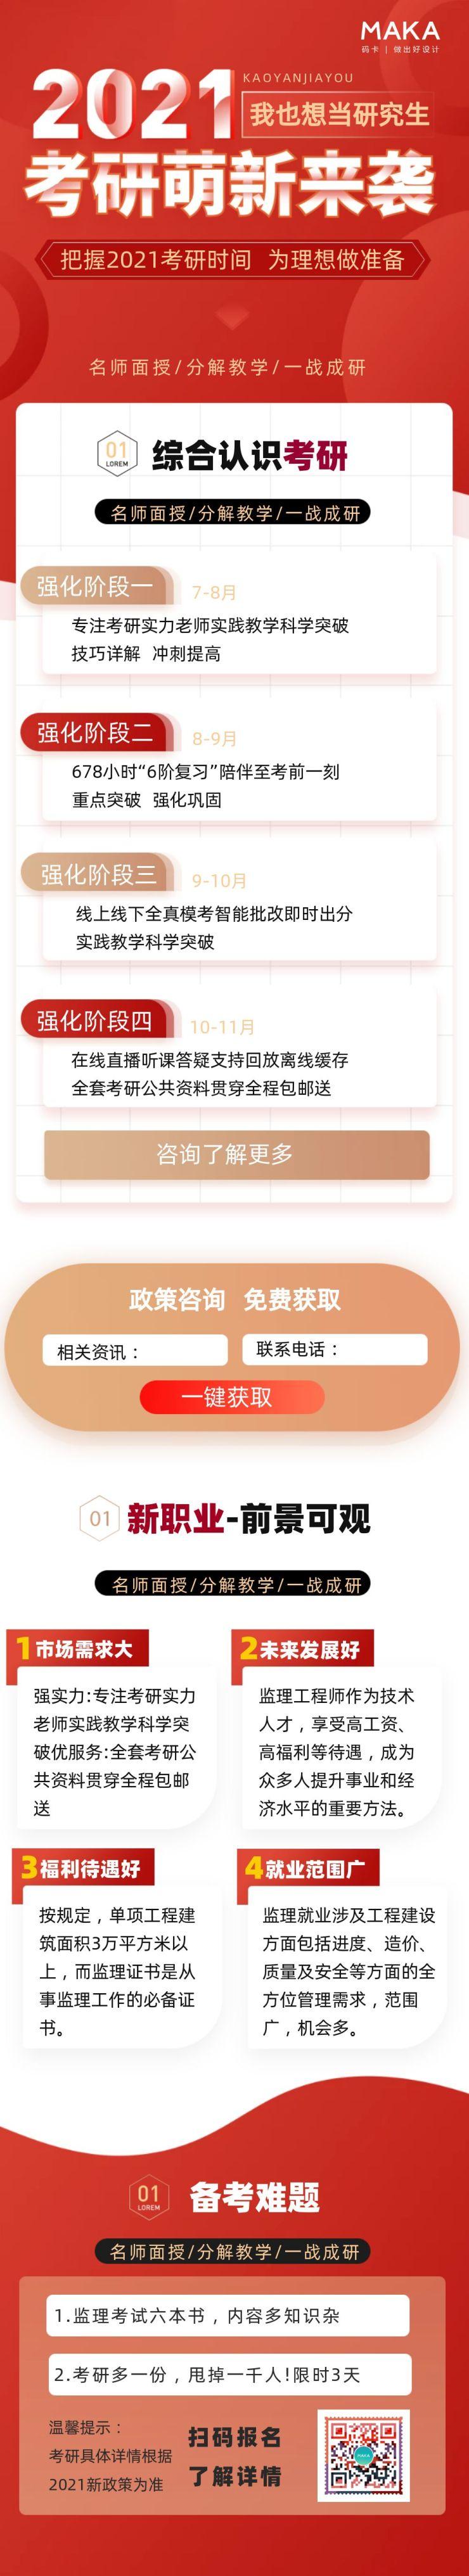 考研课程集训营营销长图文